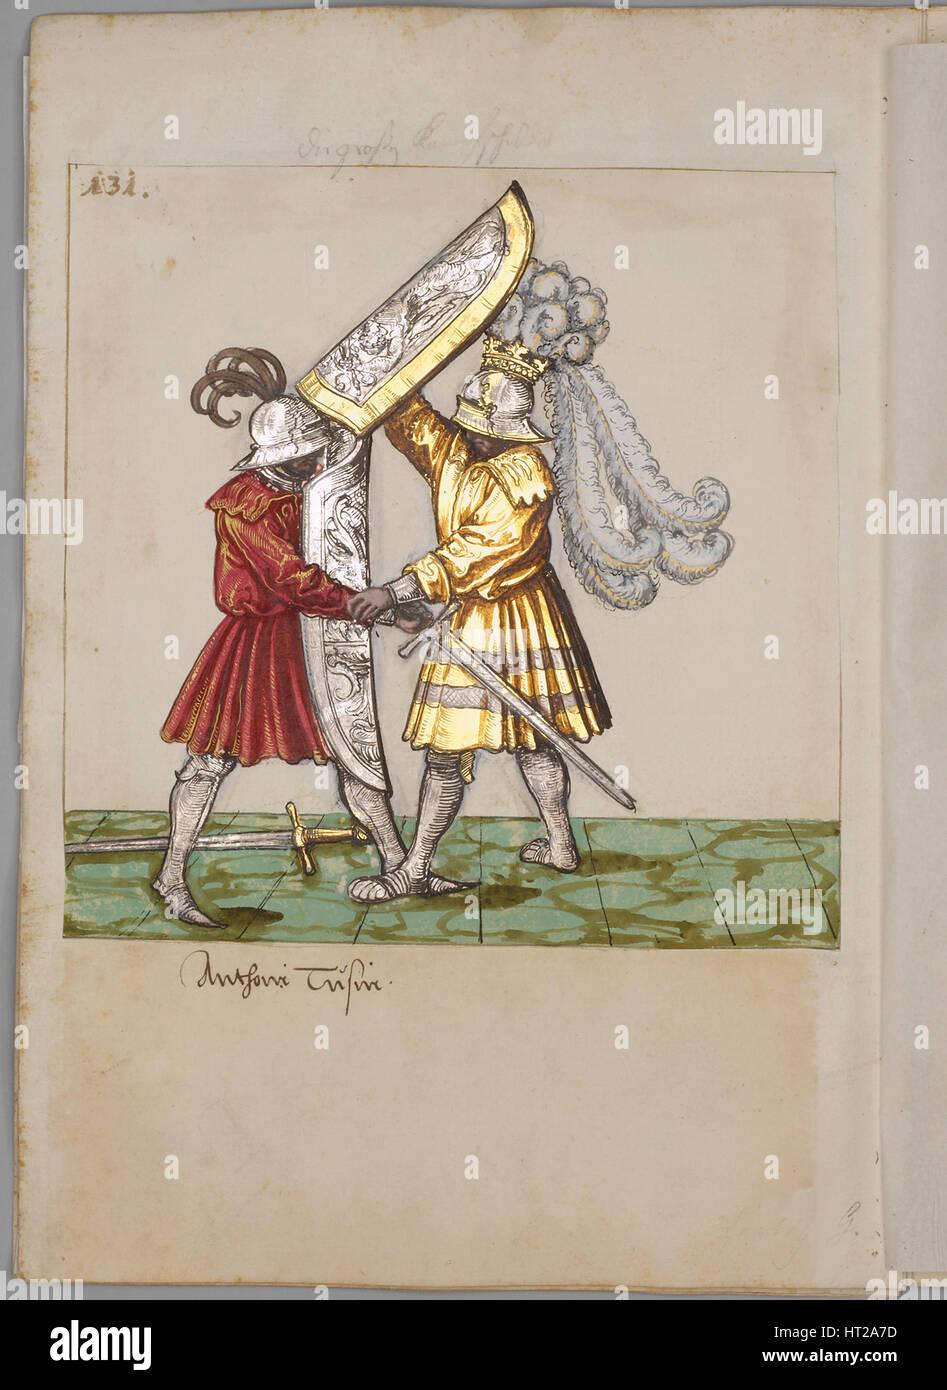 Illustration de la livre tournois de l'Empereur Maximilien I, 1512-1515. Artiste: maître Allemand Photo Stock